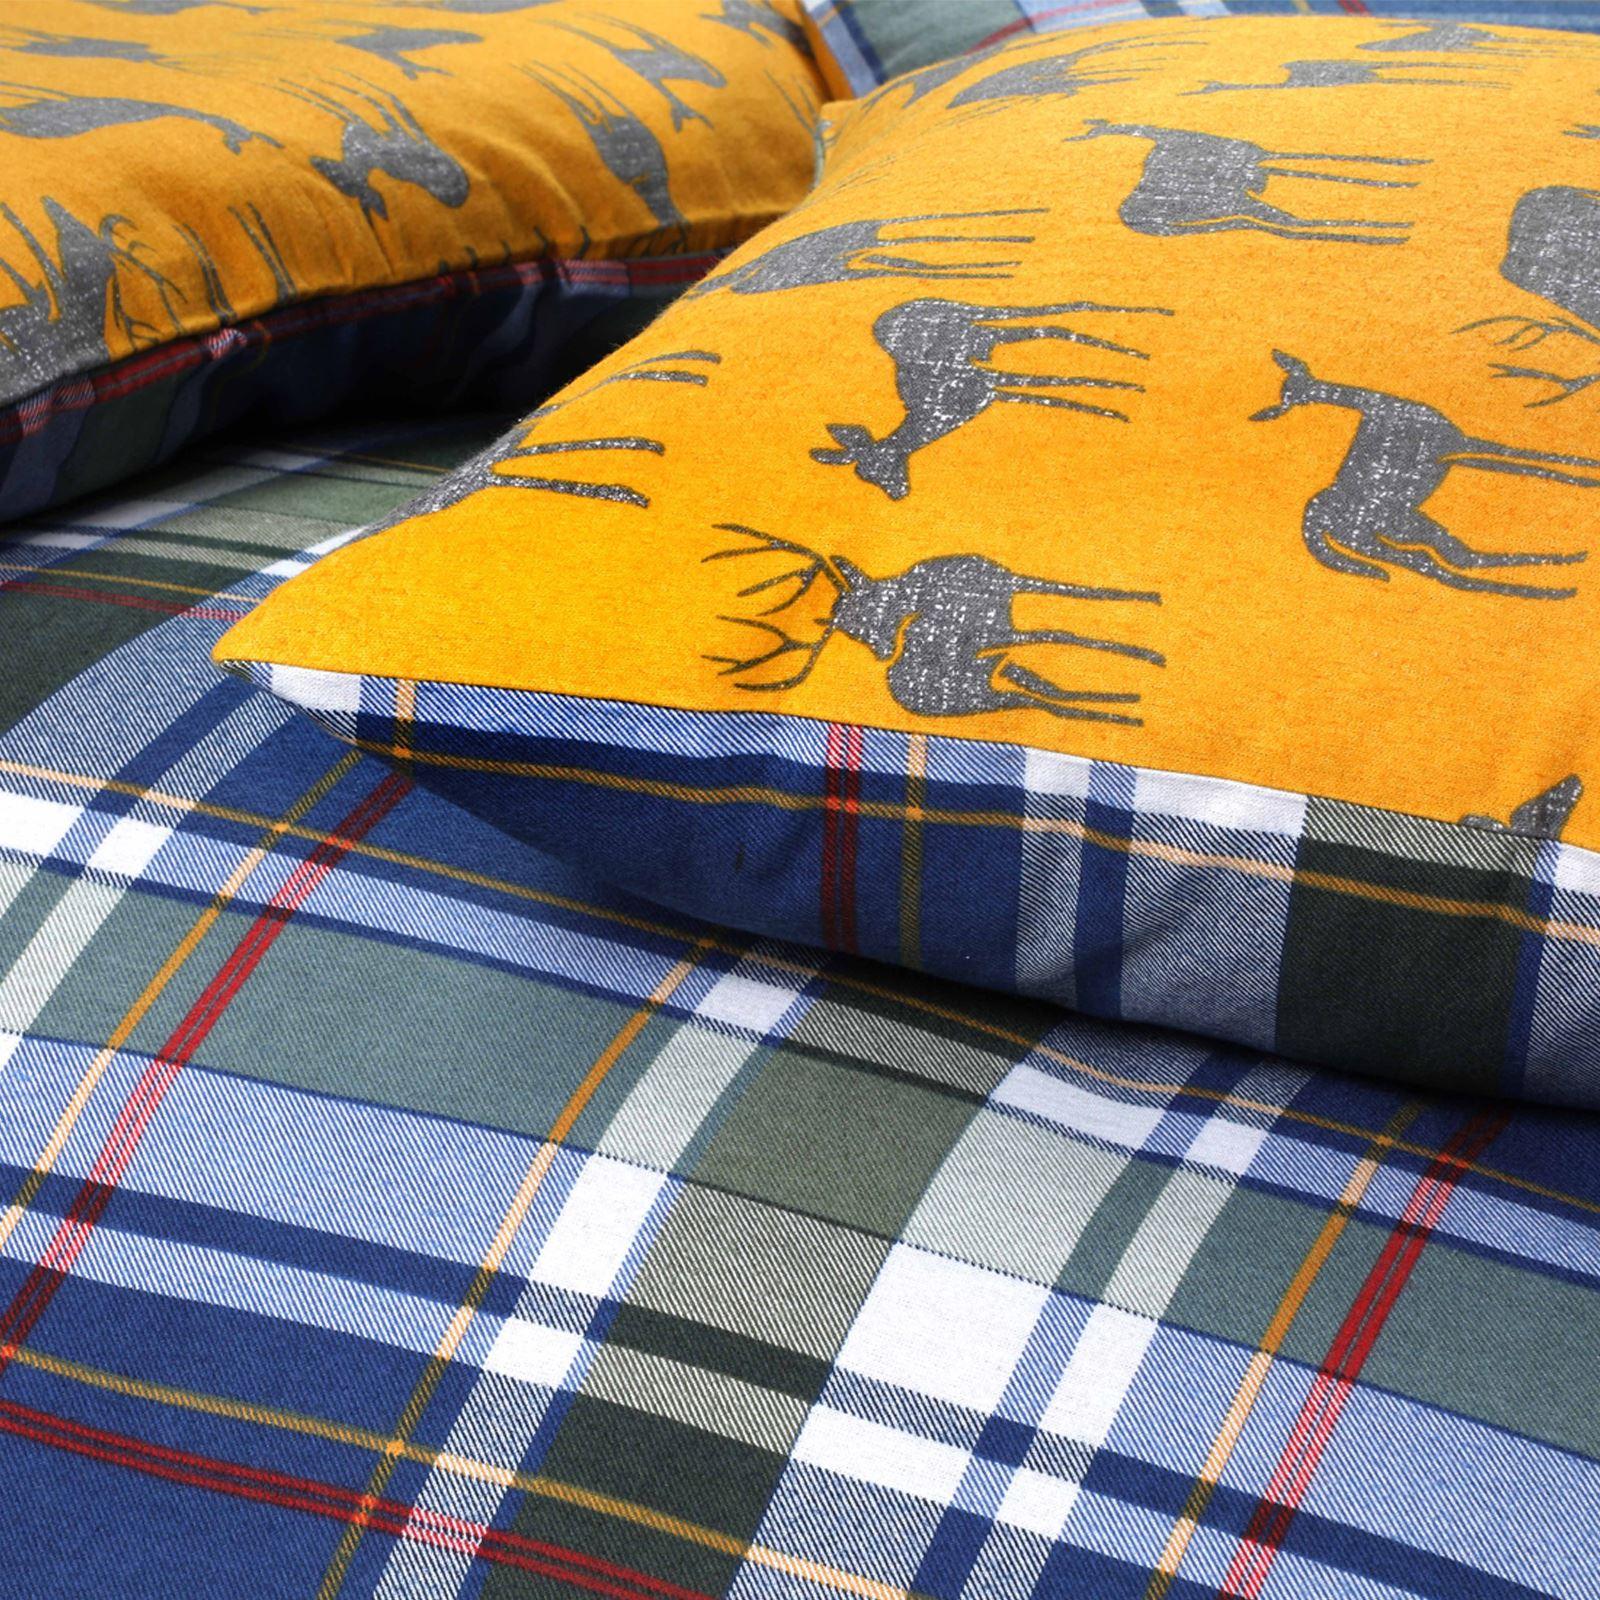 Tartan-100-Brushed-Cotton-Duvet-Cover-Flannelette-Check-Quilt-Set-Bed-Linen-Set thumbnail 9